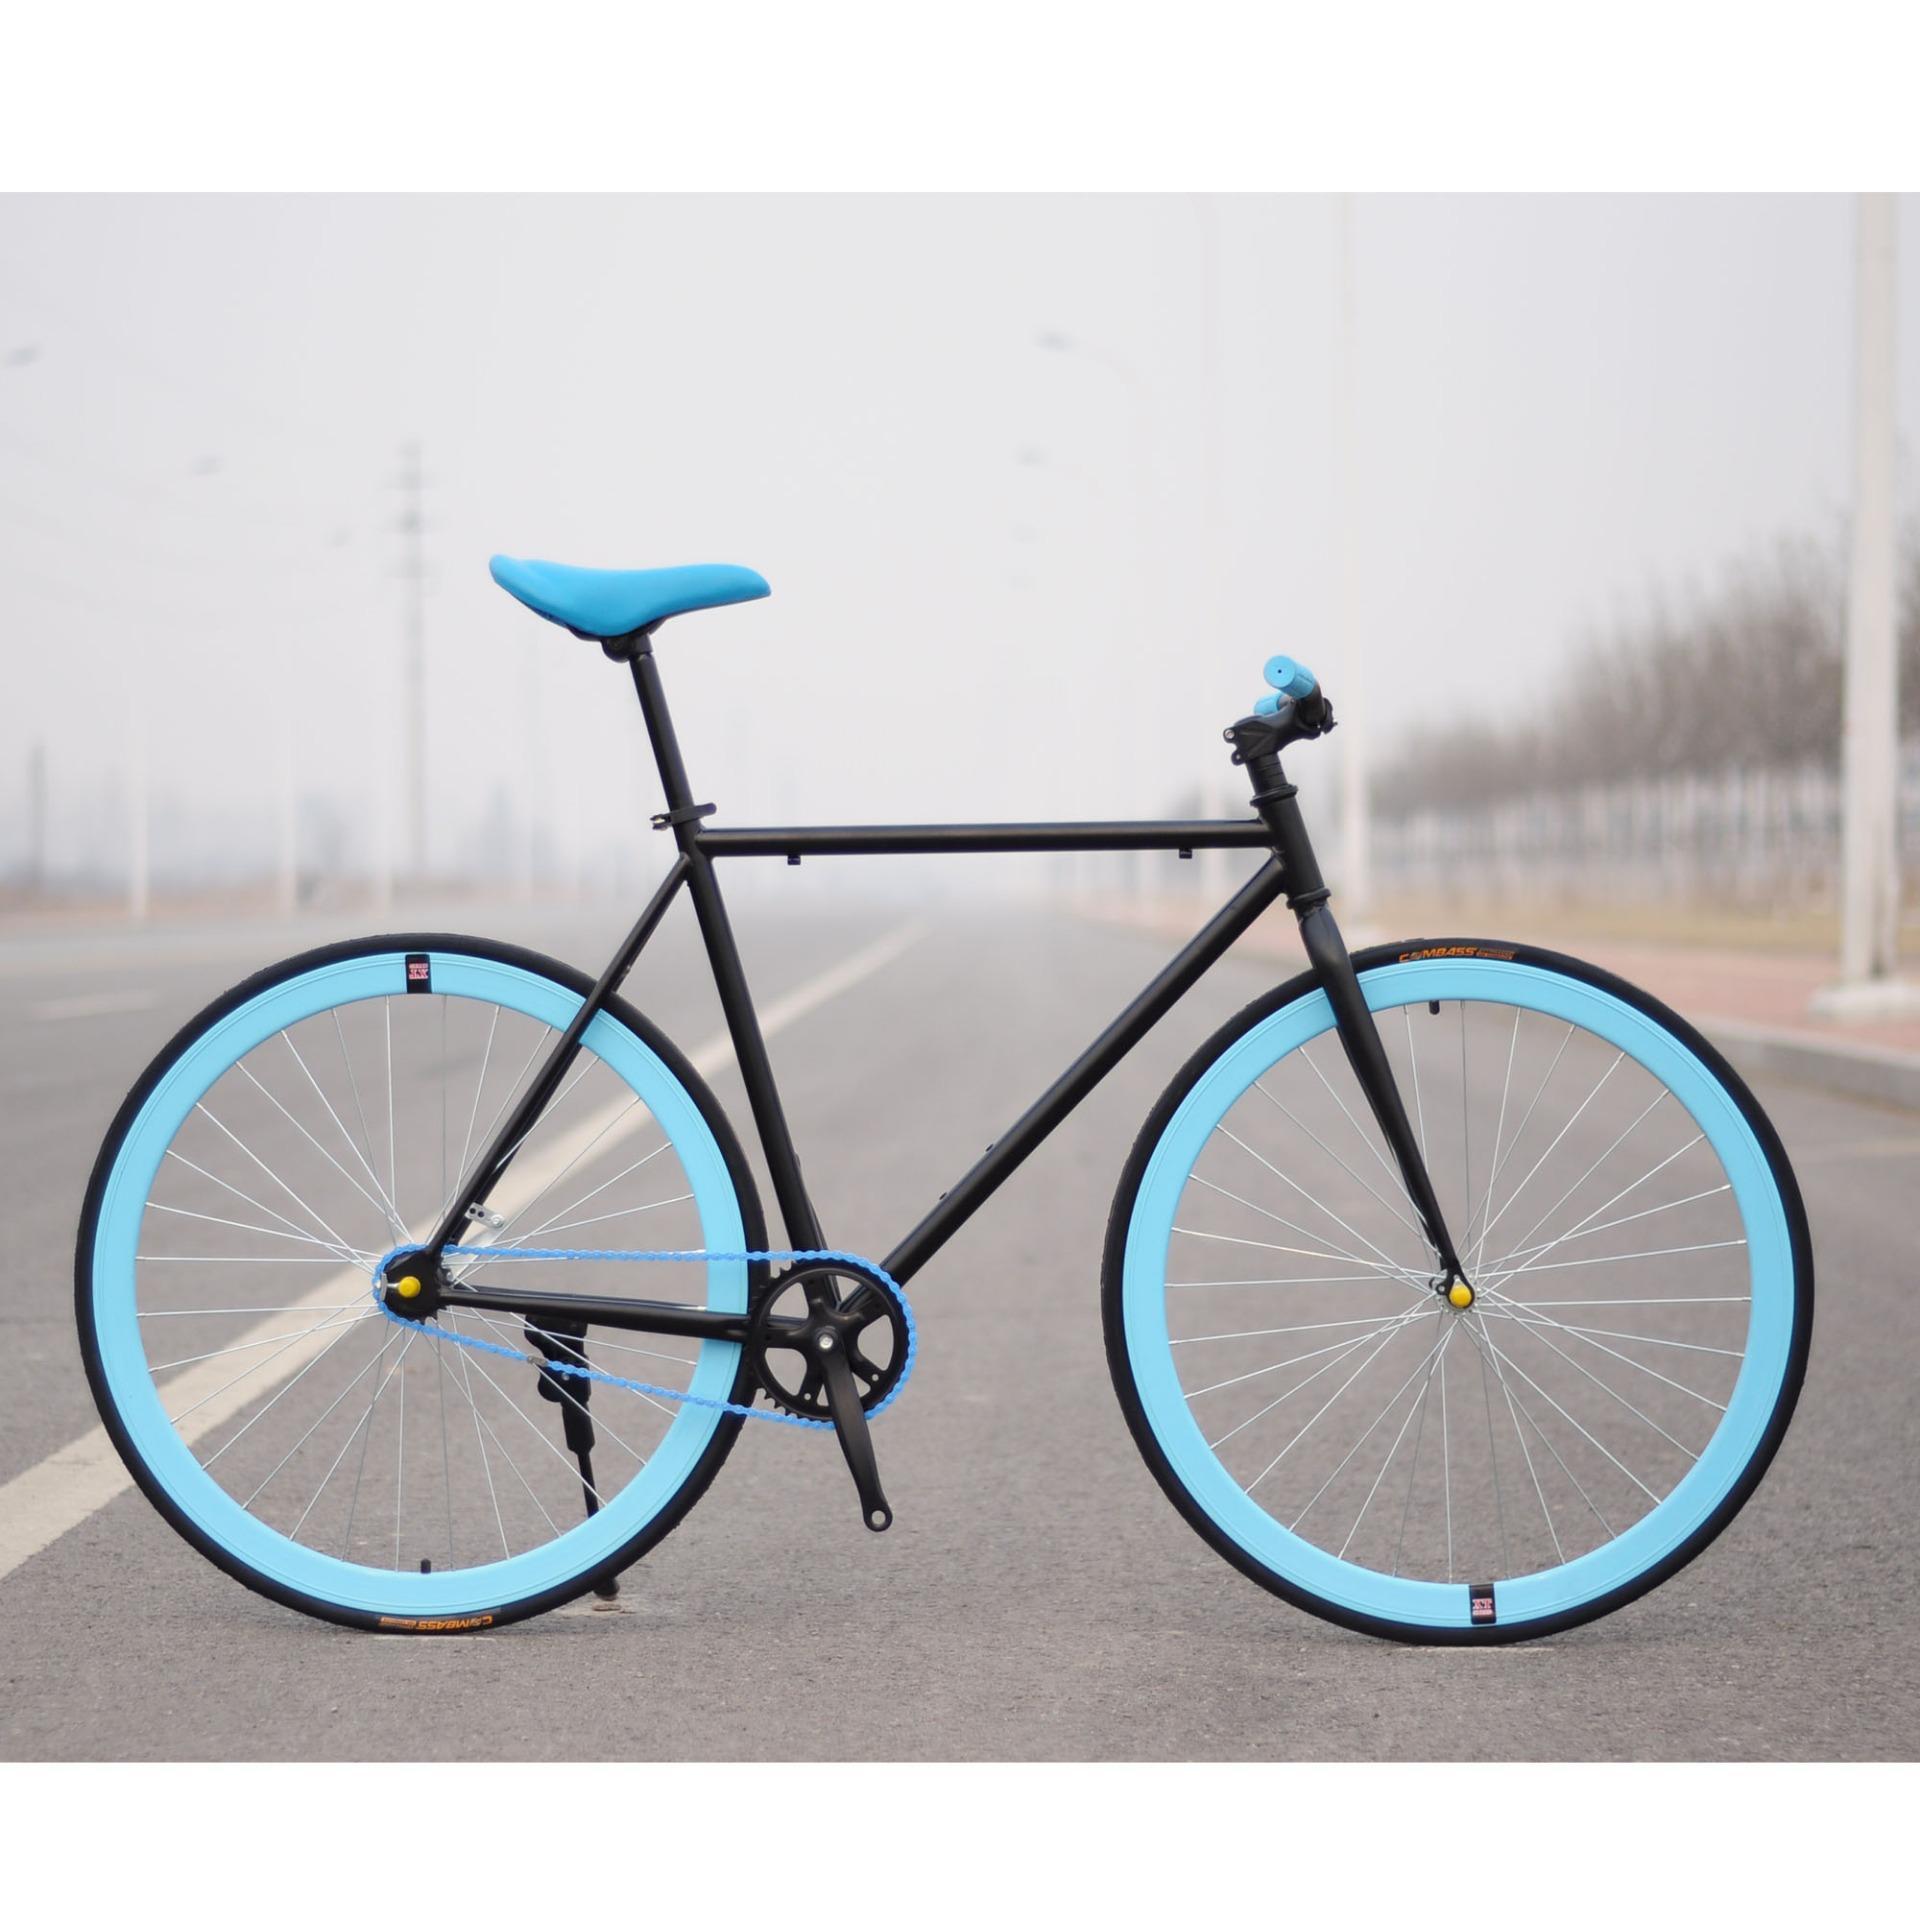 Xe đạp Fixed Gear Single Speed (Đen vành xanh trời)